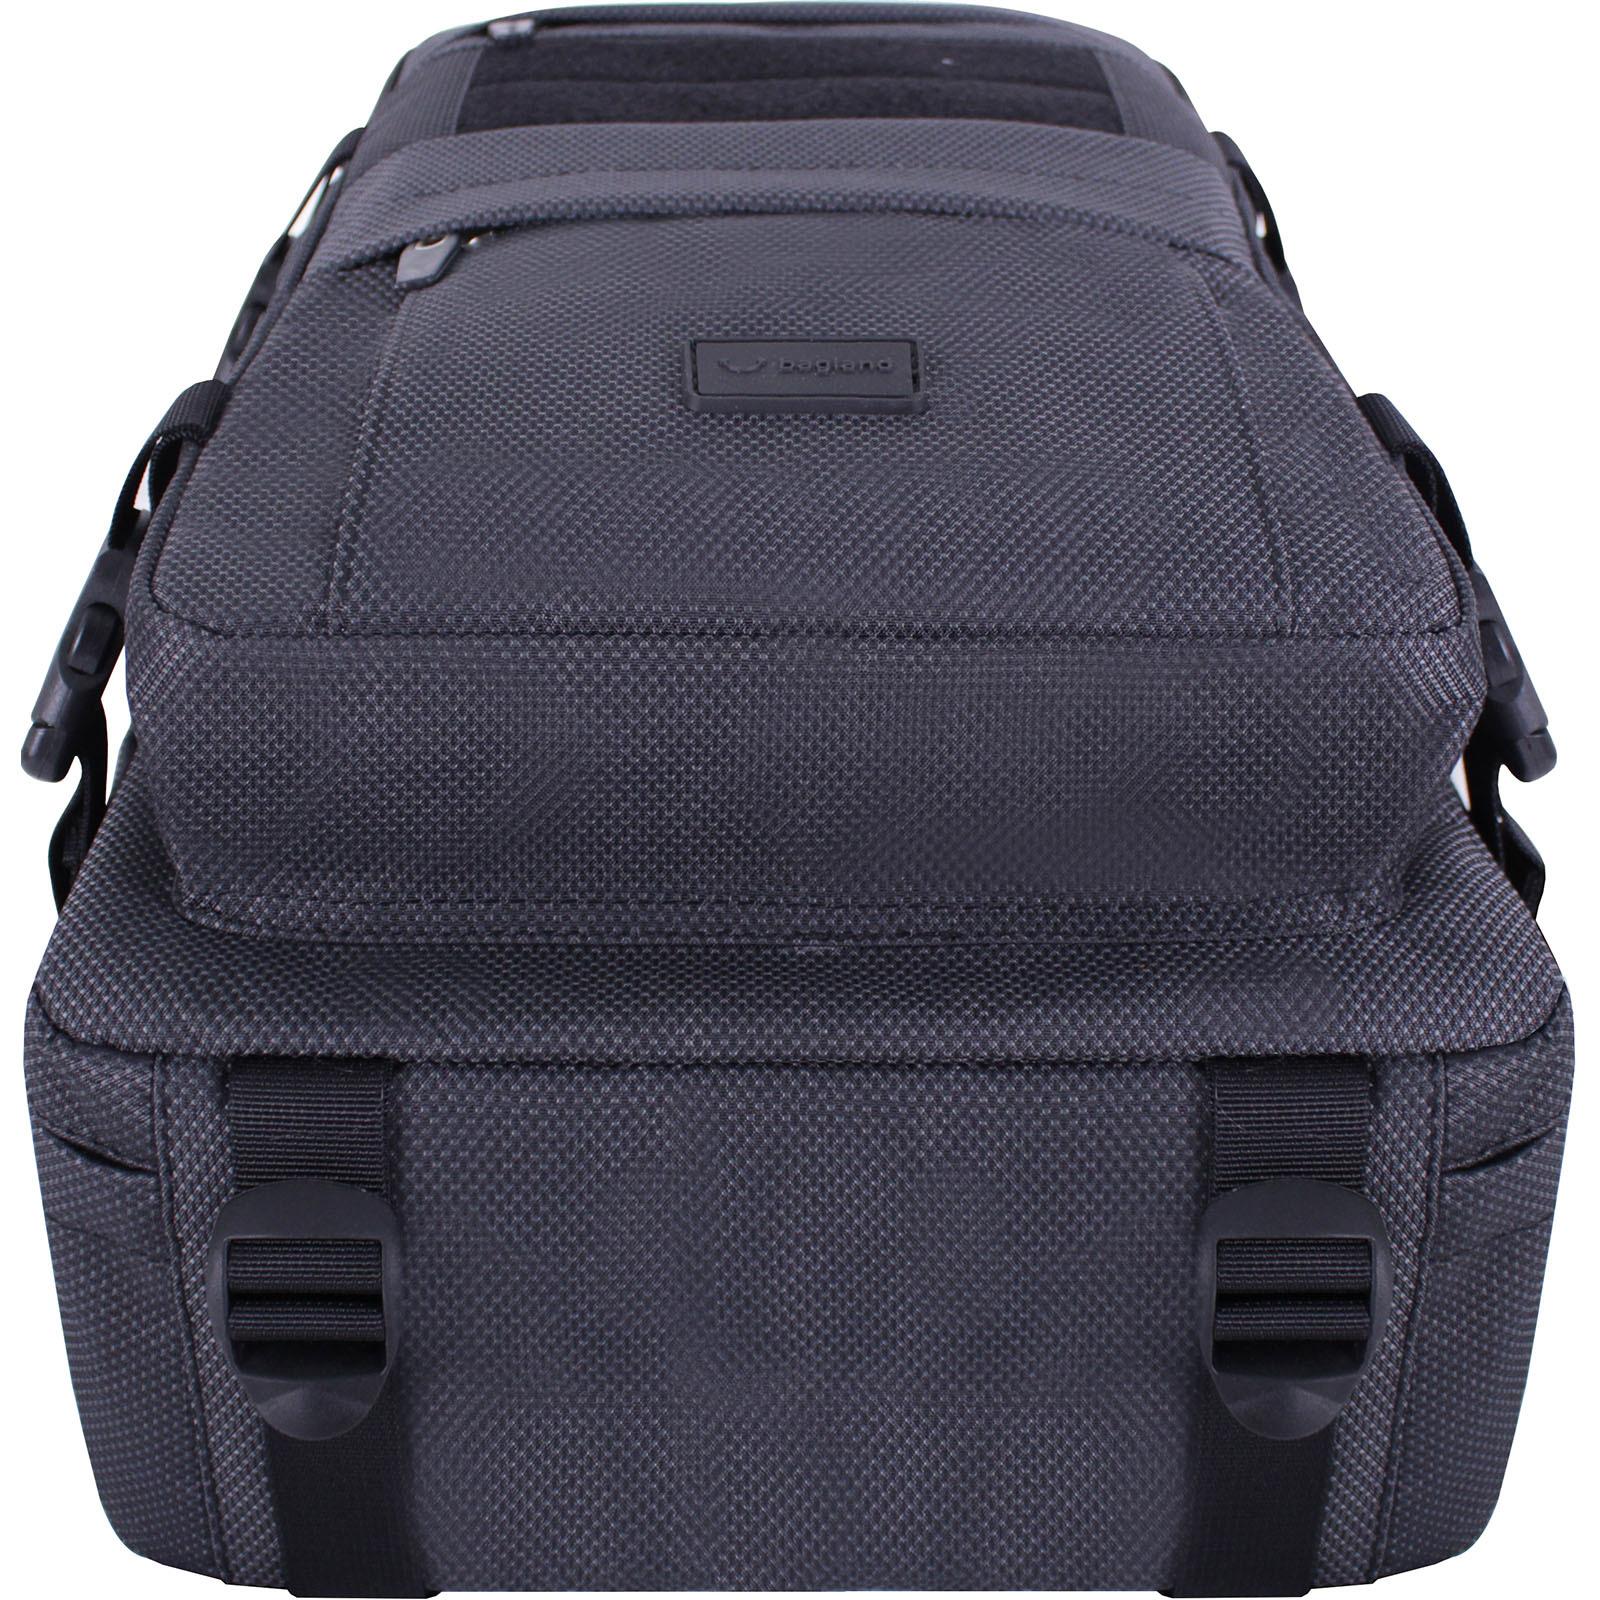 Рюкзак для ноутбука Bagland Jasper 19 л. Чёрный (00155169) фото 5